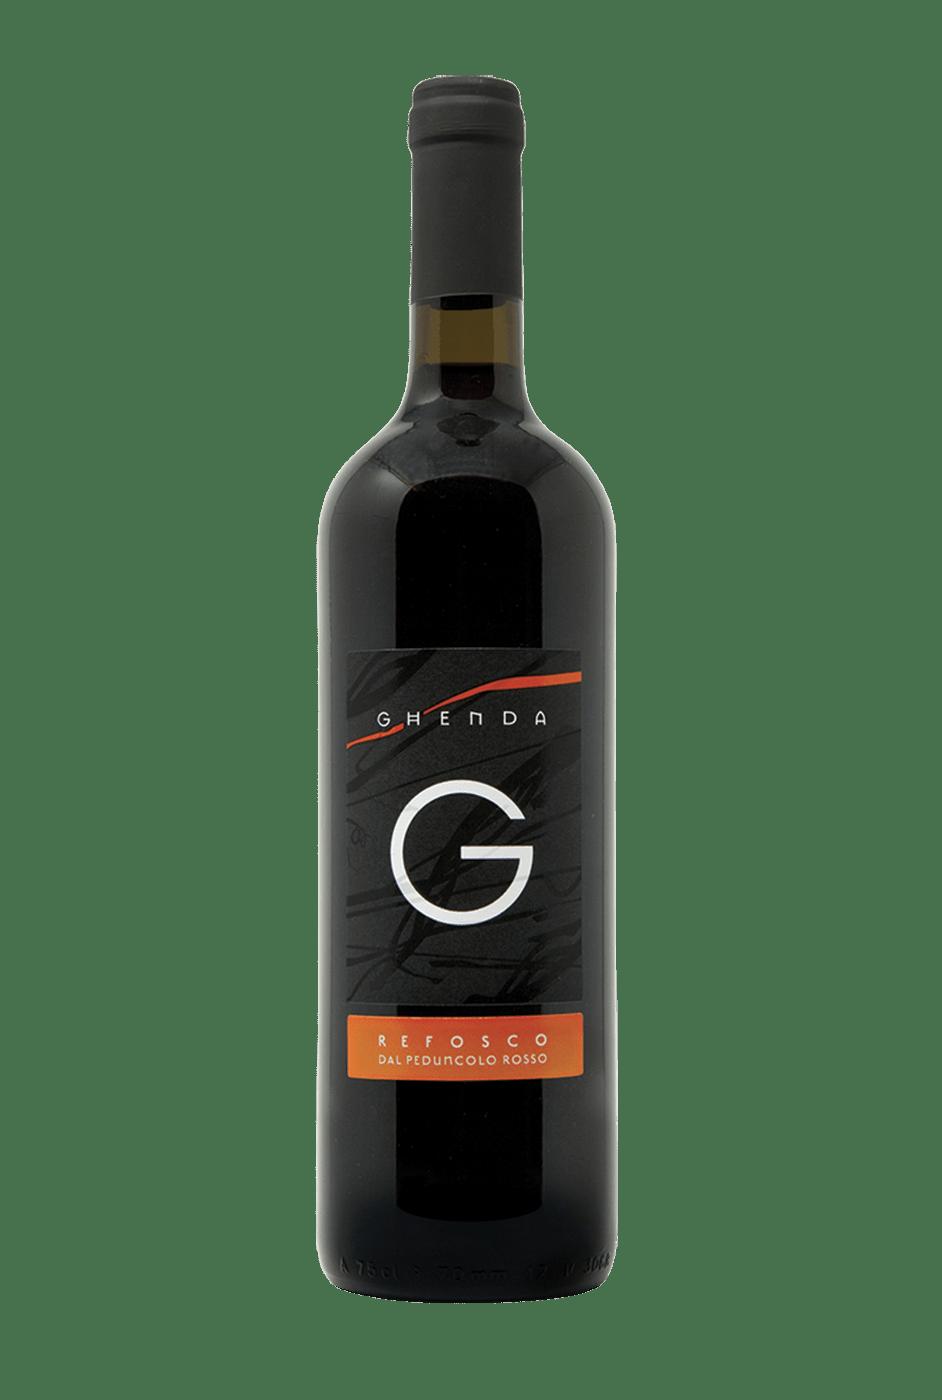 Vino Rosso Refosco Del Peduncolo Rosso